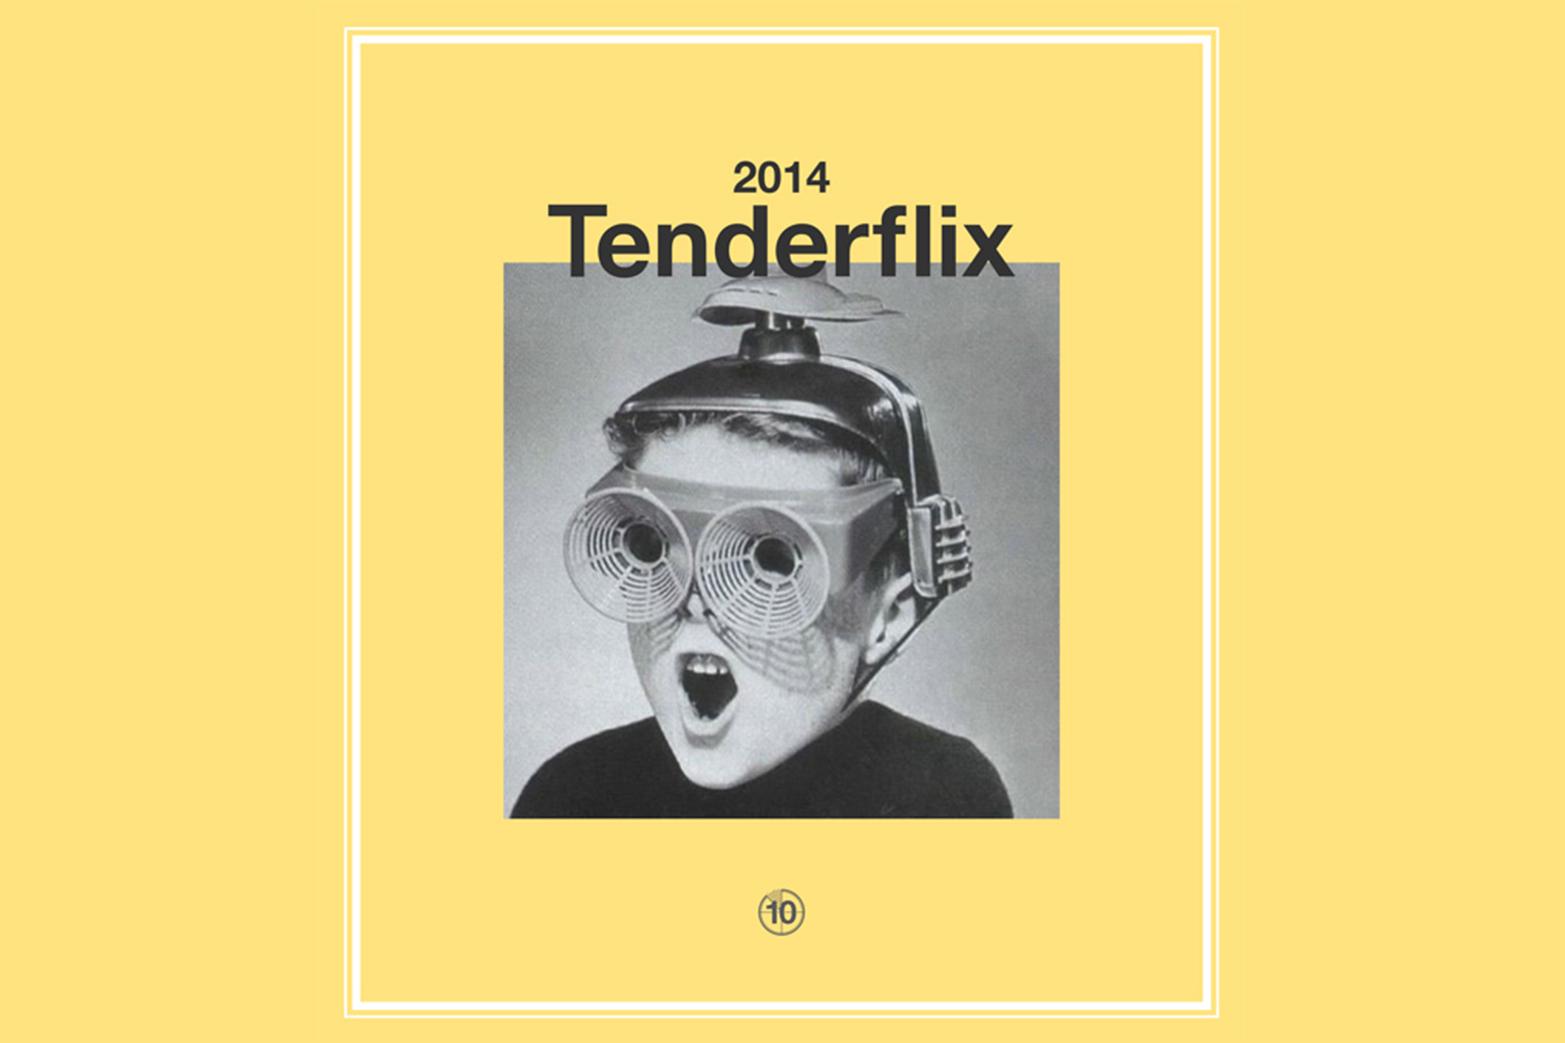 Tenderflix 2014